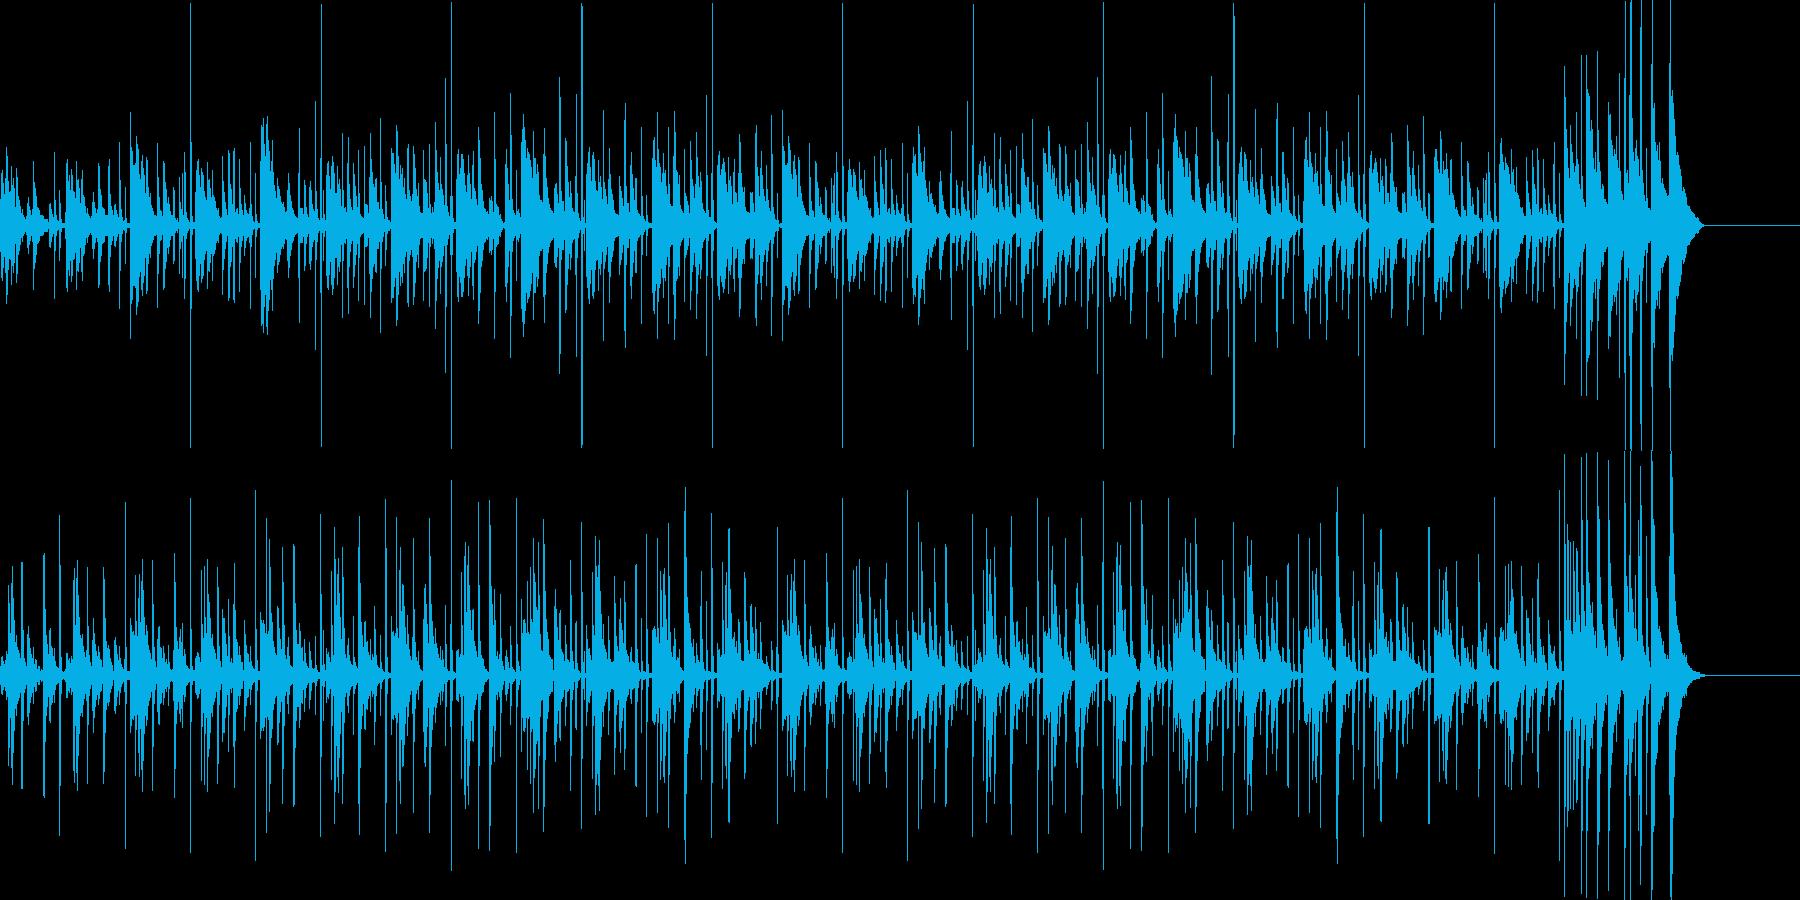 シンキング タイム: 打楽器の楽しい曲の再生済みの波形